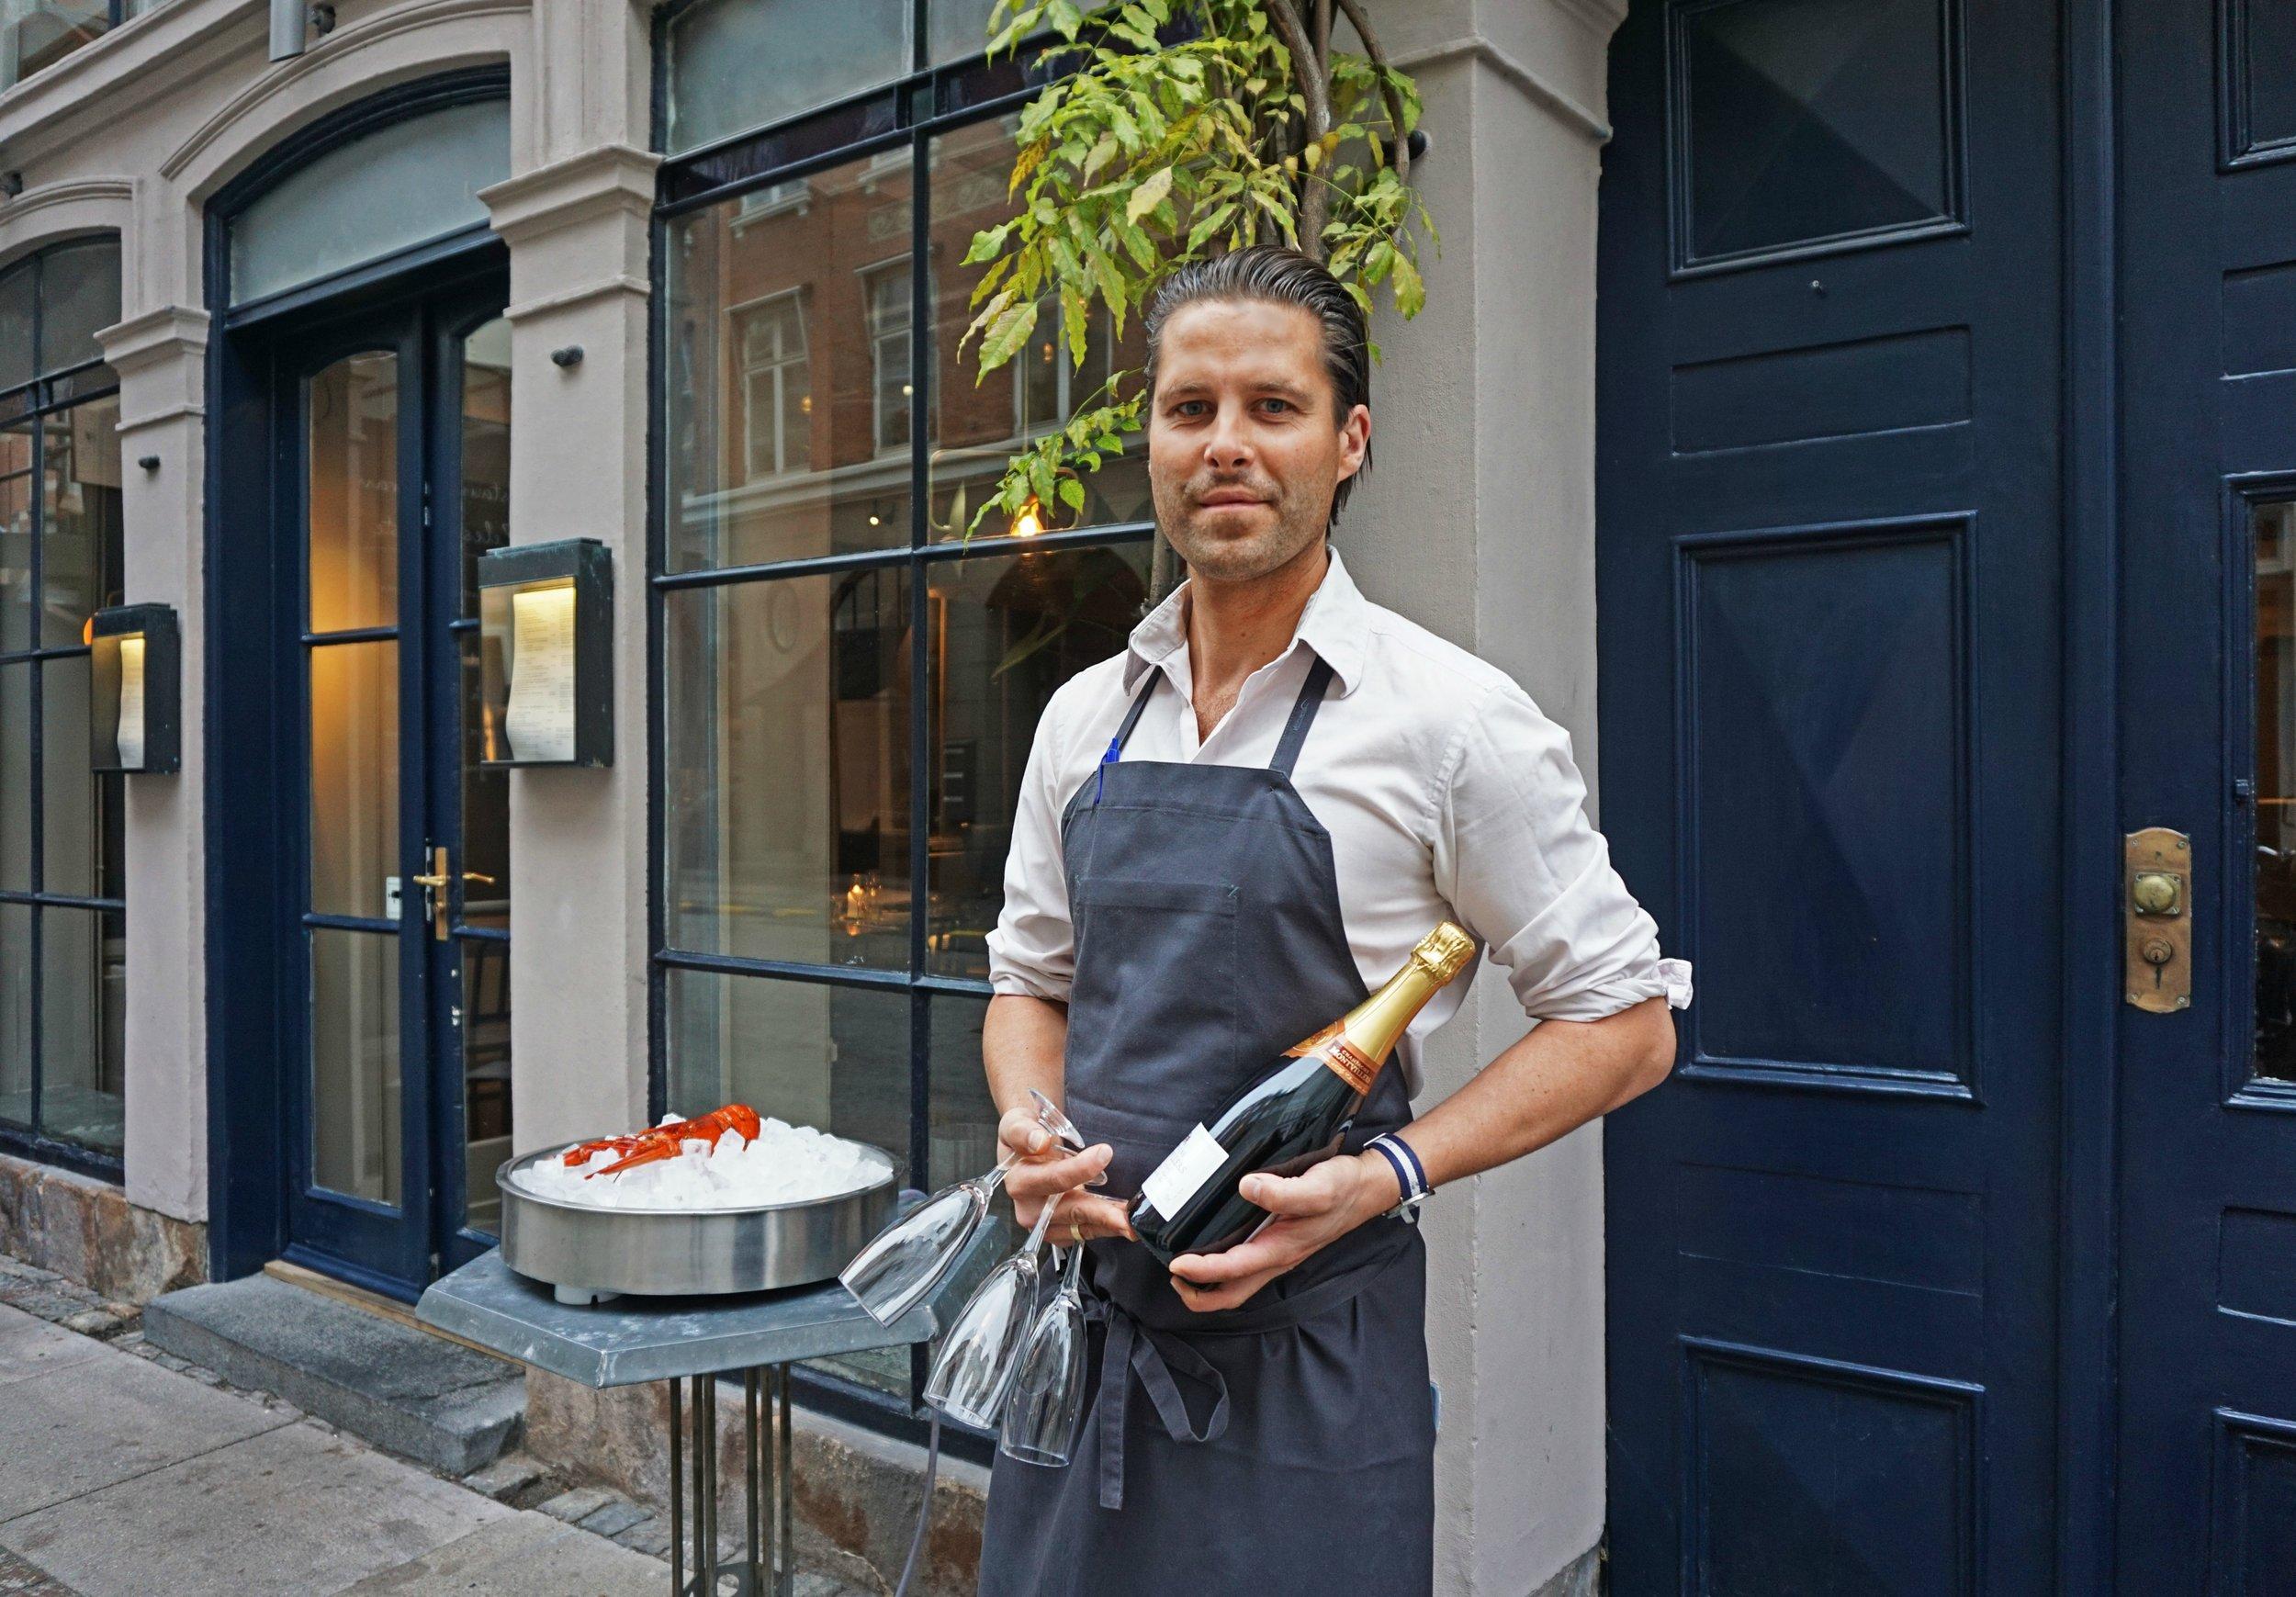 Vi er klar med Champagne, når du viser huen frem!